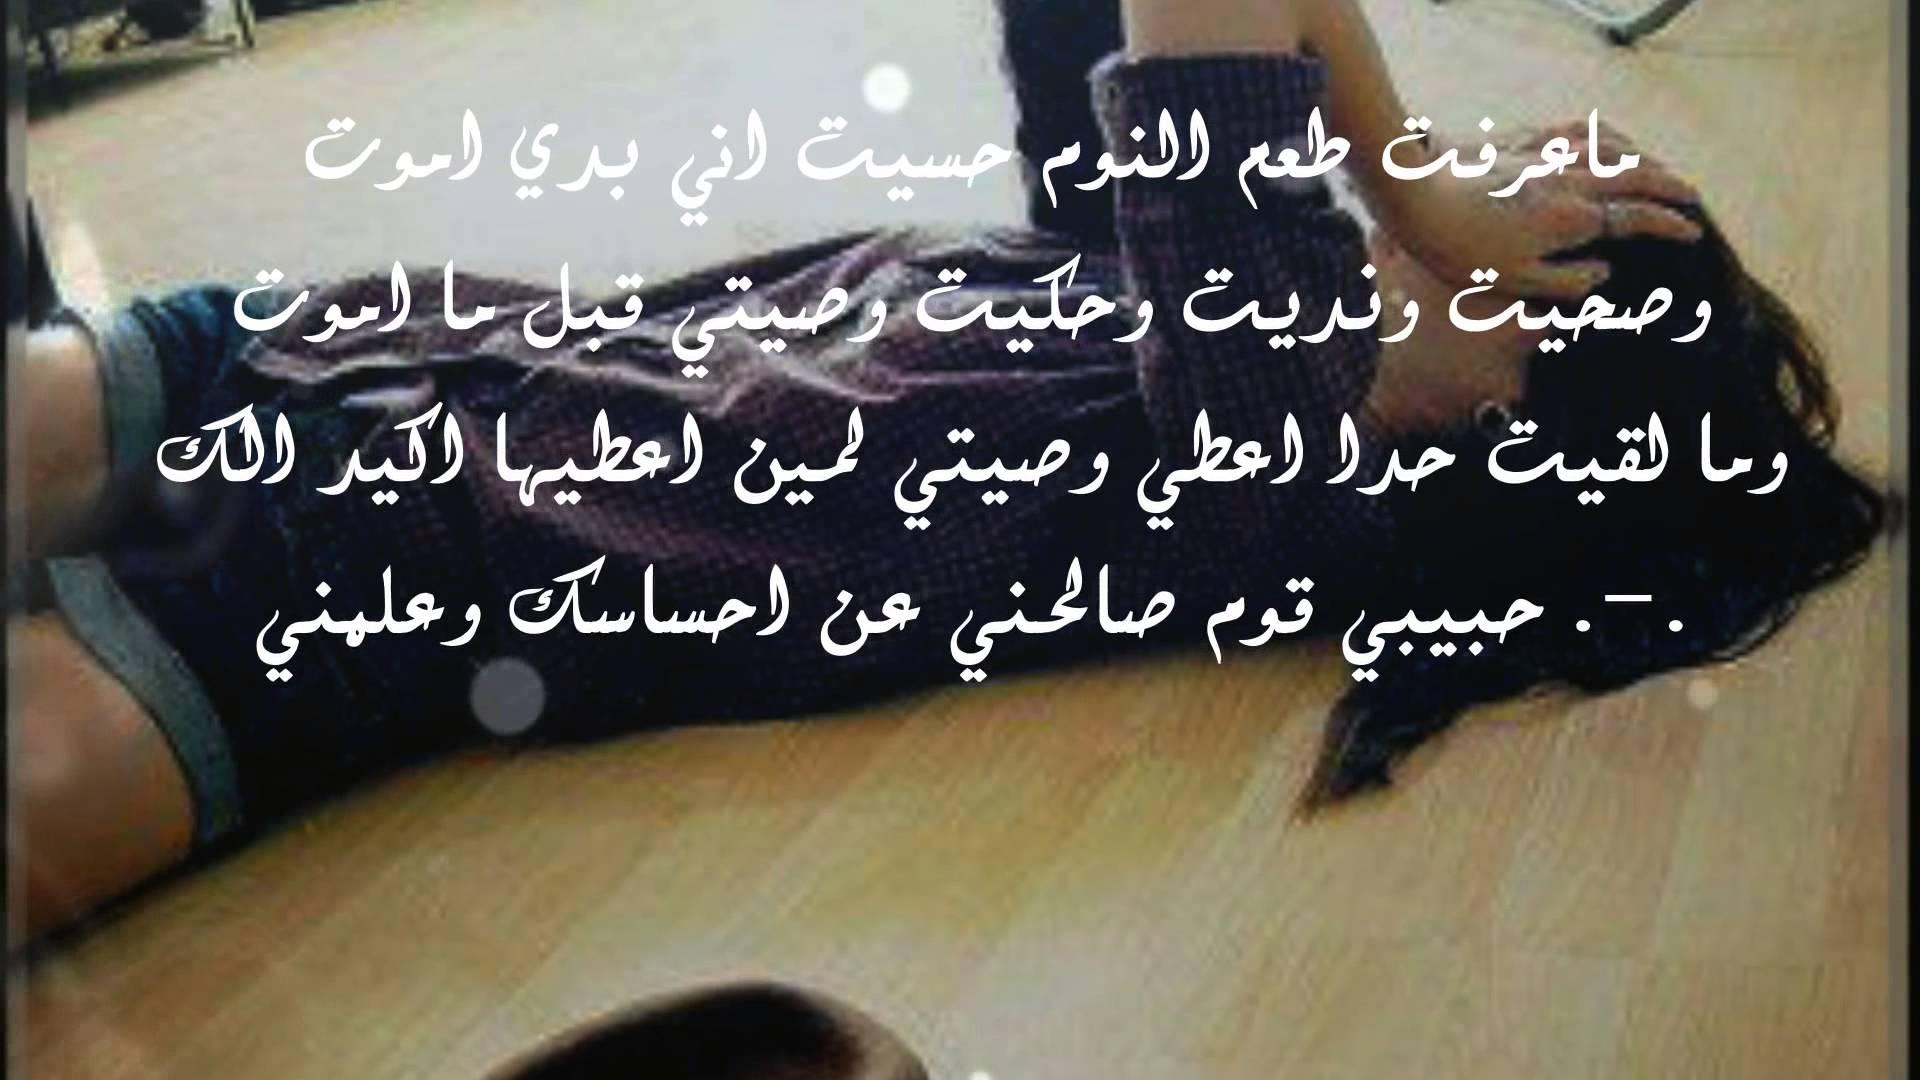 صورة صور مكتوب عليها كلام حزين , بوستات عليها كلام شجن وحزن 4975 4